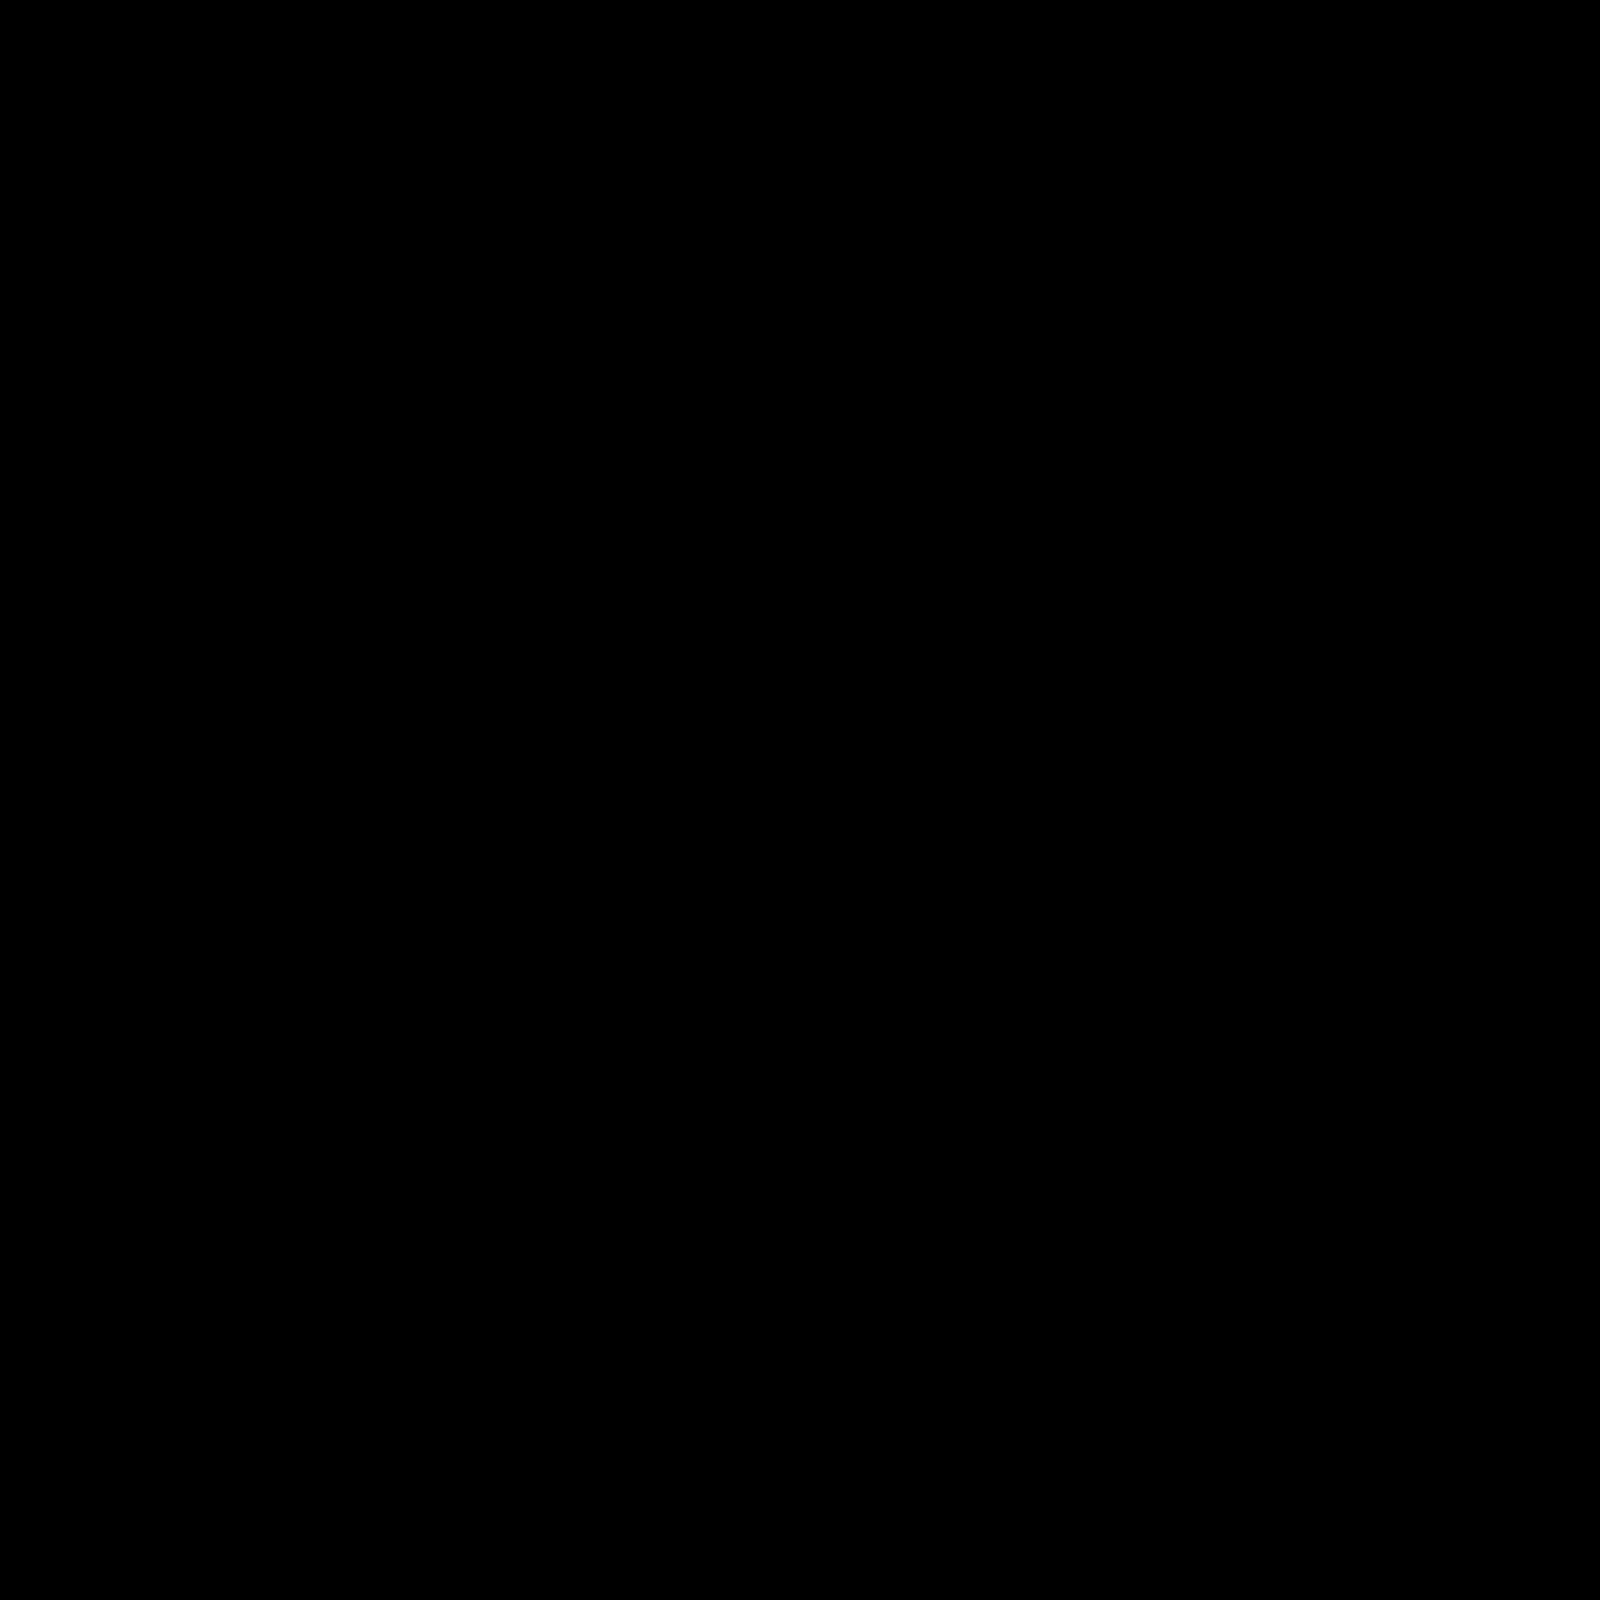 下 icon. It is an arrow pointed down. The arrow is black on a solid background. There is one solid vertical line. From the bottom of that line there are two smaller black lines extending diagonally up to the right and left at 45 degree angles.